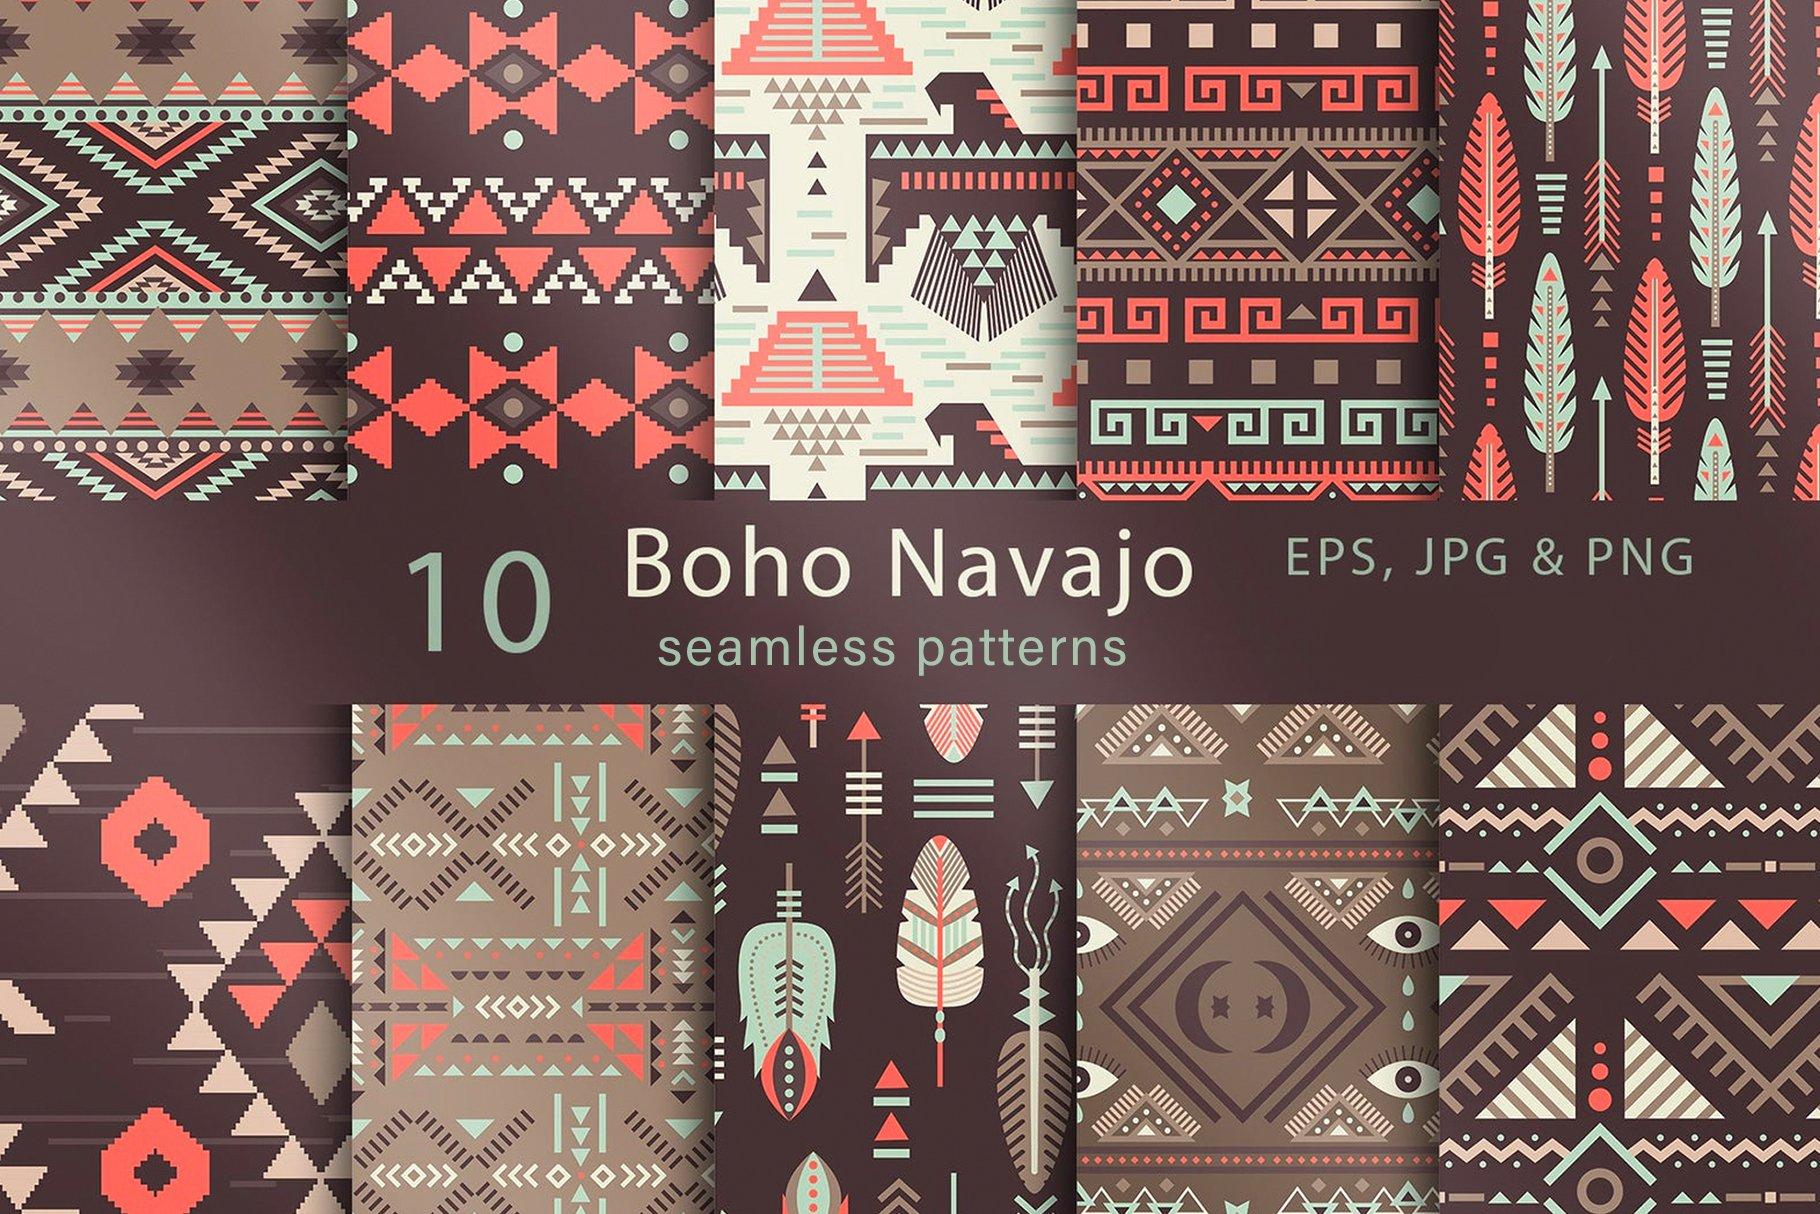 103款波西米亚风动物花卉月亮天体彩虹女孩手绘插画无缝隙图案矢量素材 Seamless Boho Pattern Bundle插图5